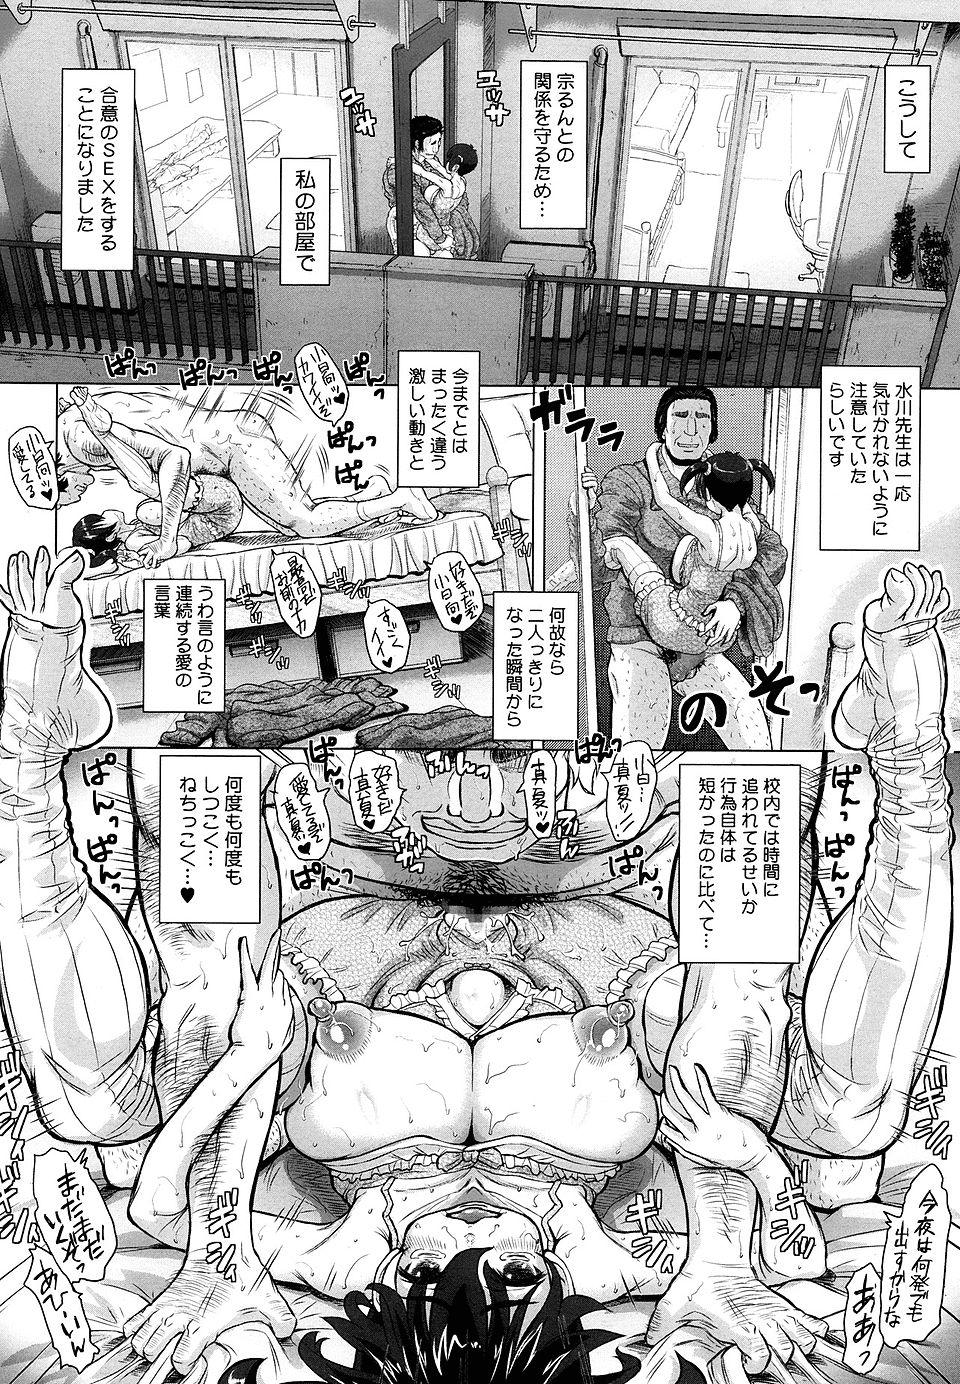 【エロ漫画・エロ同人誌】寝起きに巨乳女子校生の婚約者にパイズリしてもらうのサイコーwww (20)